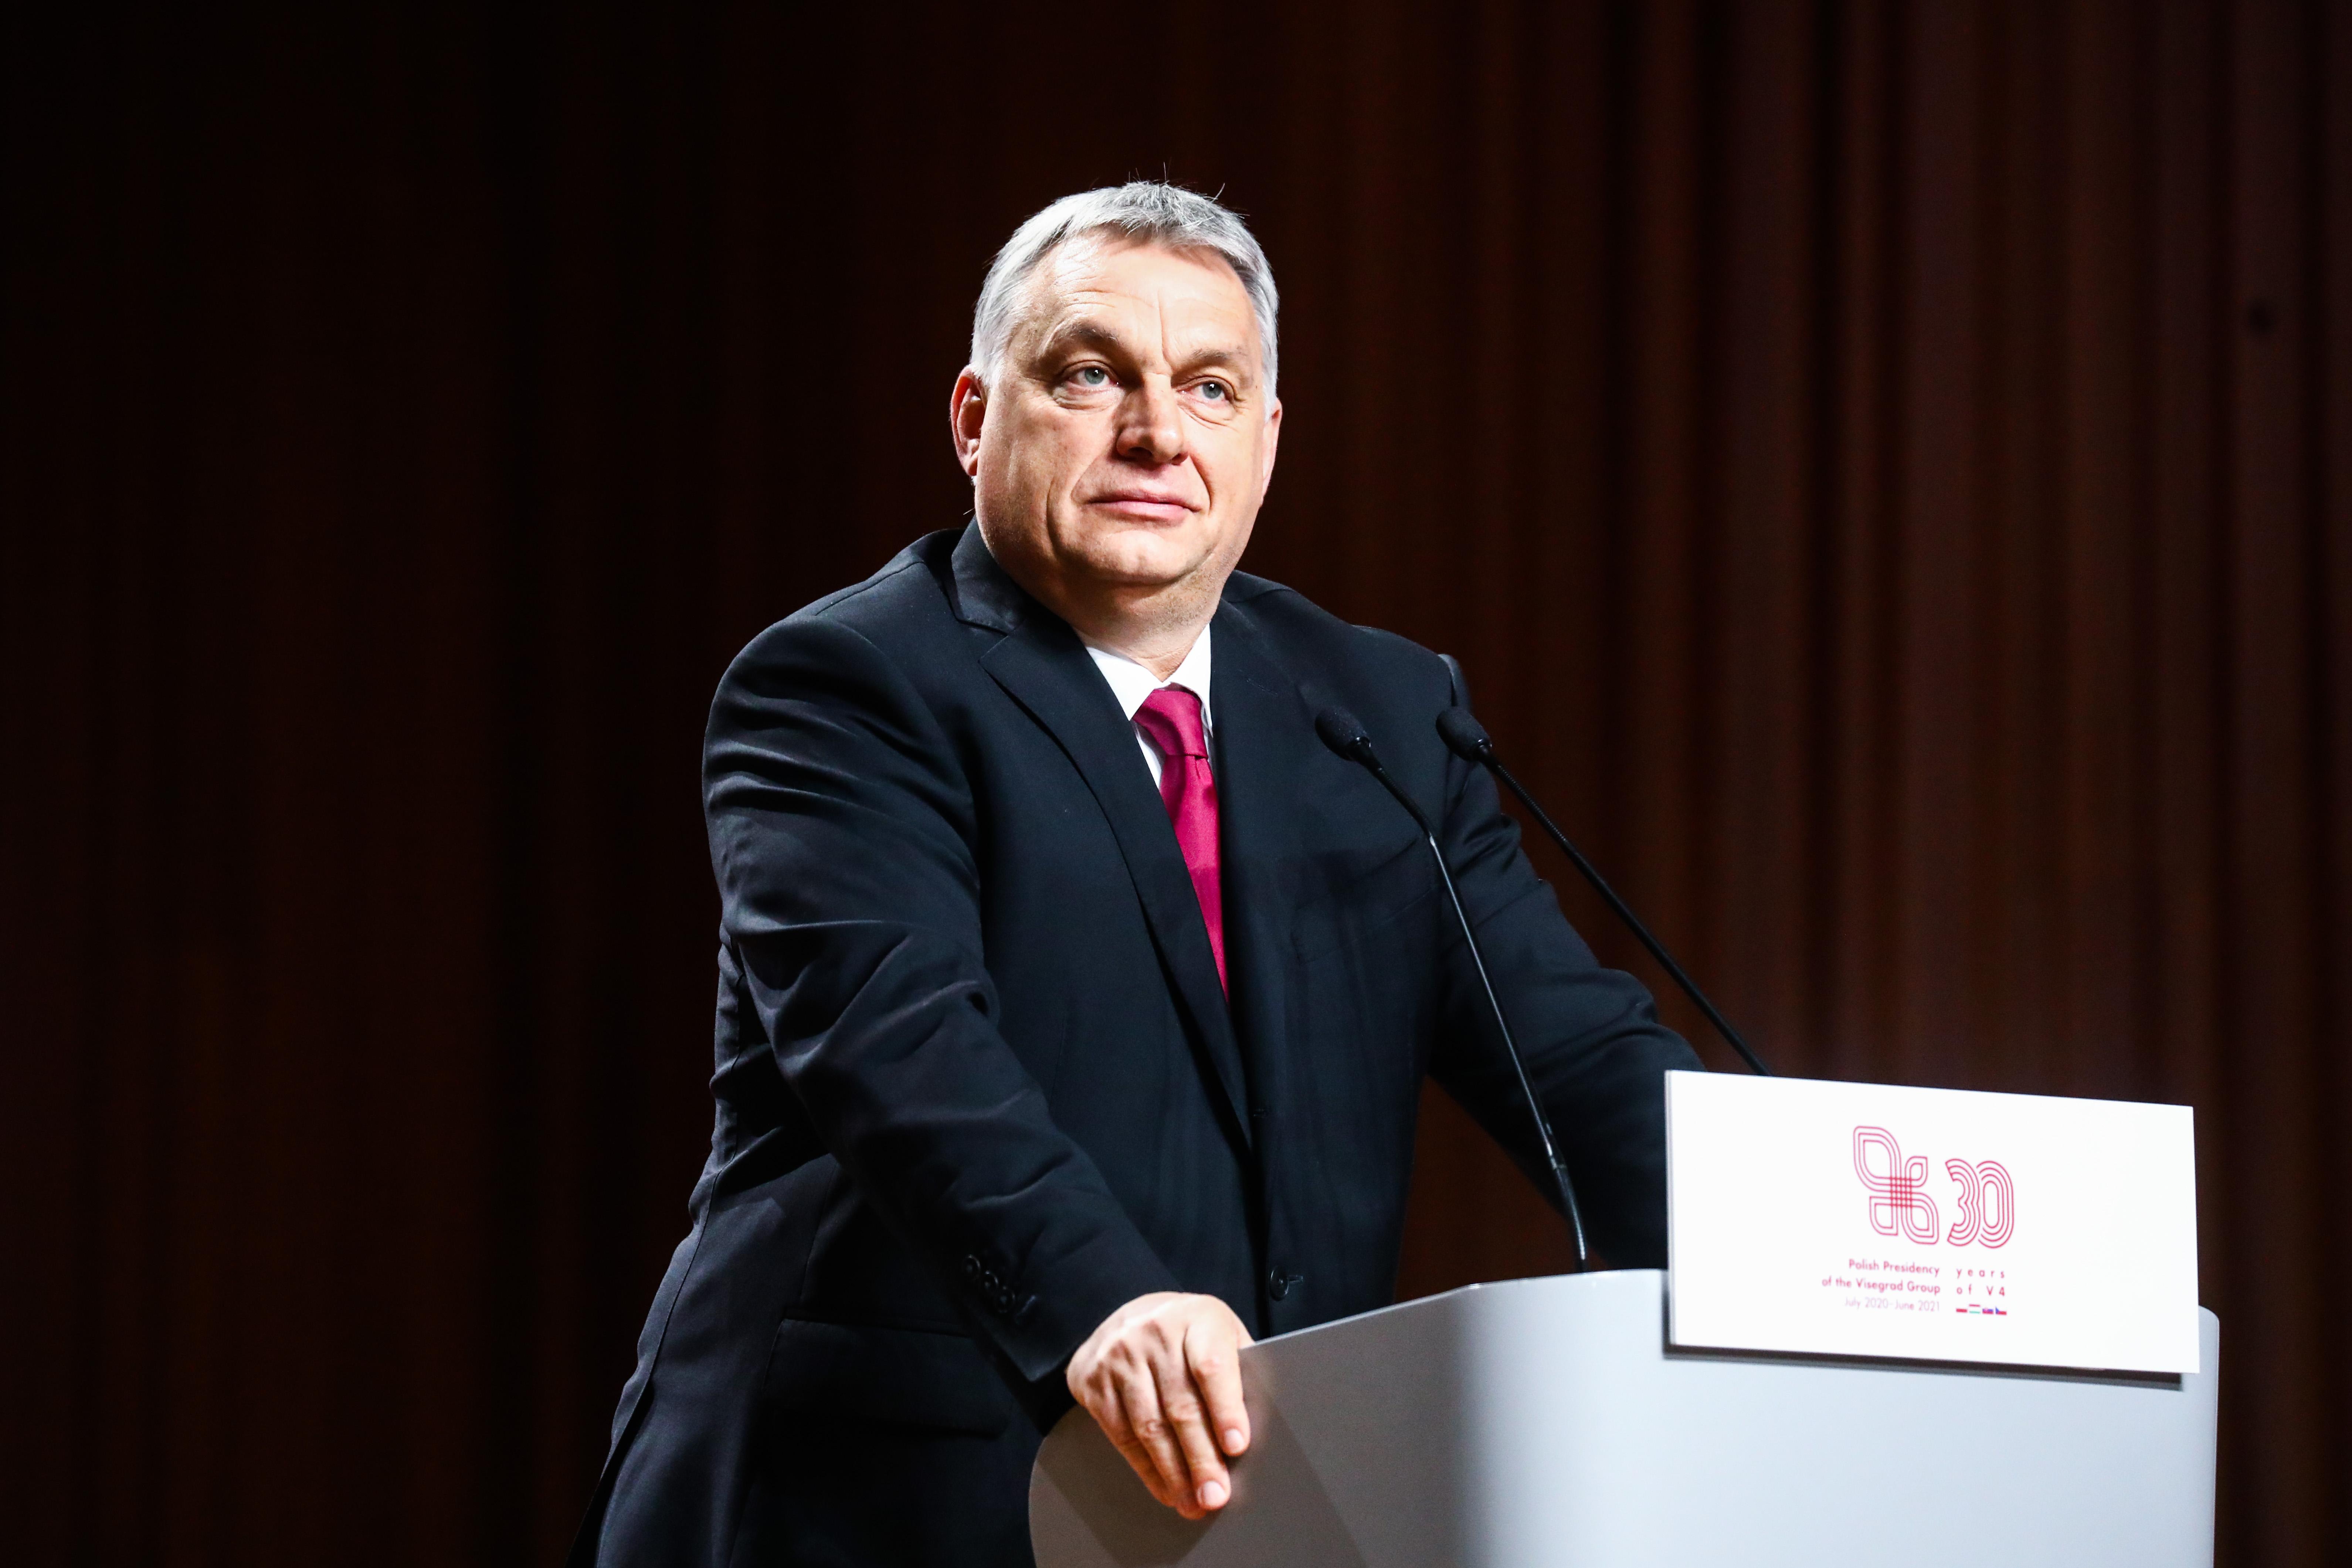 Visszadobta a rendőrség az Orbán Viktor elleni feljelentést